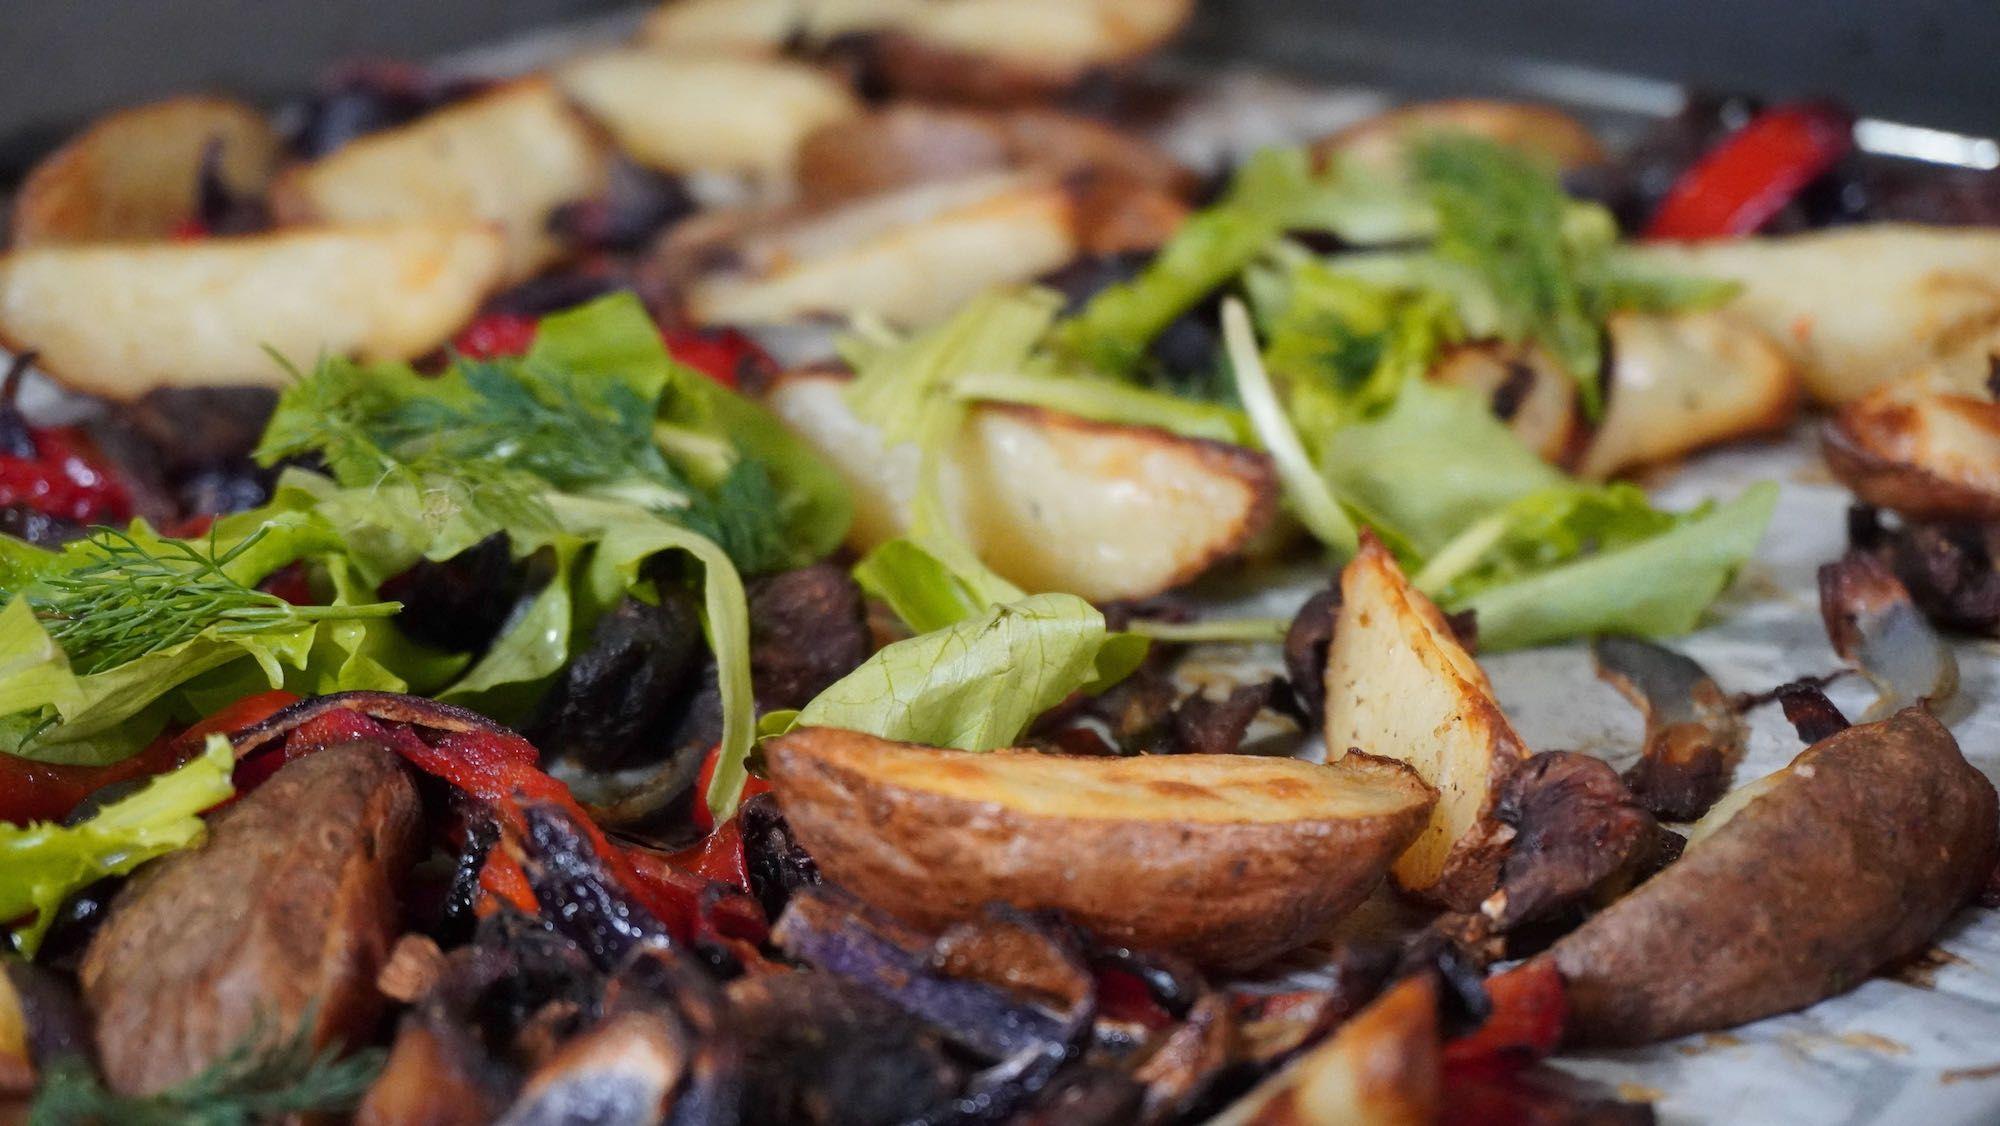 What's for Dinner? Potato & Veggies Sheet Pan